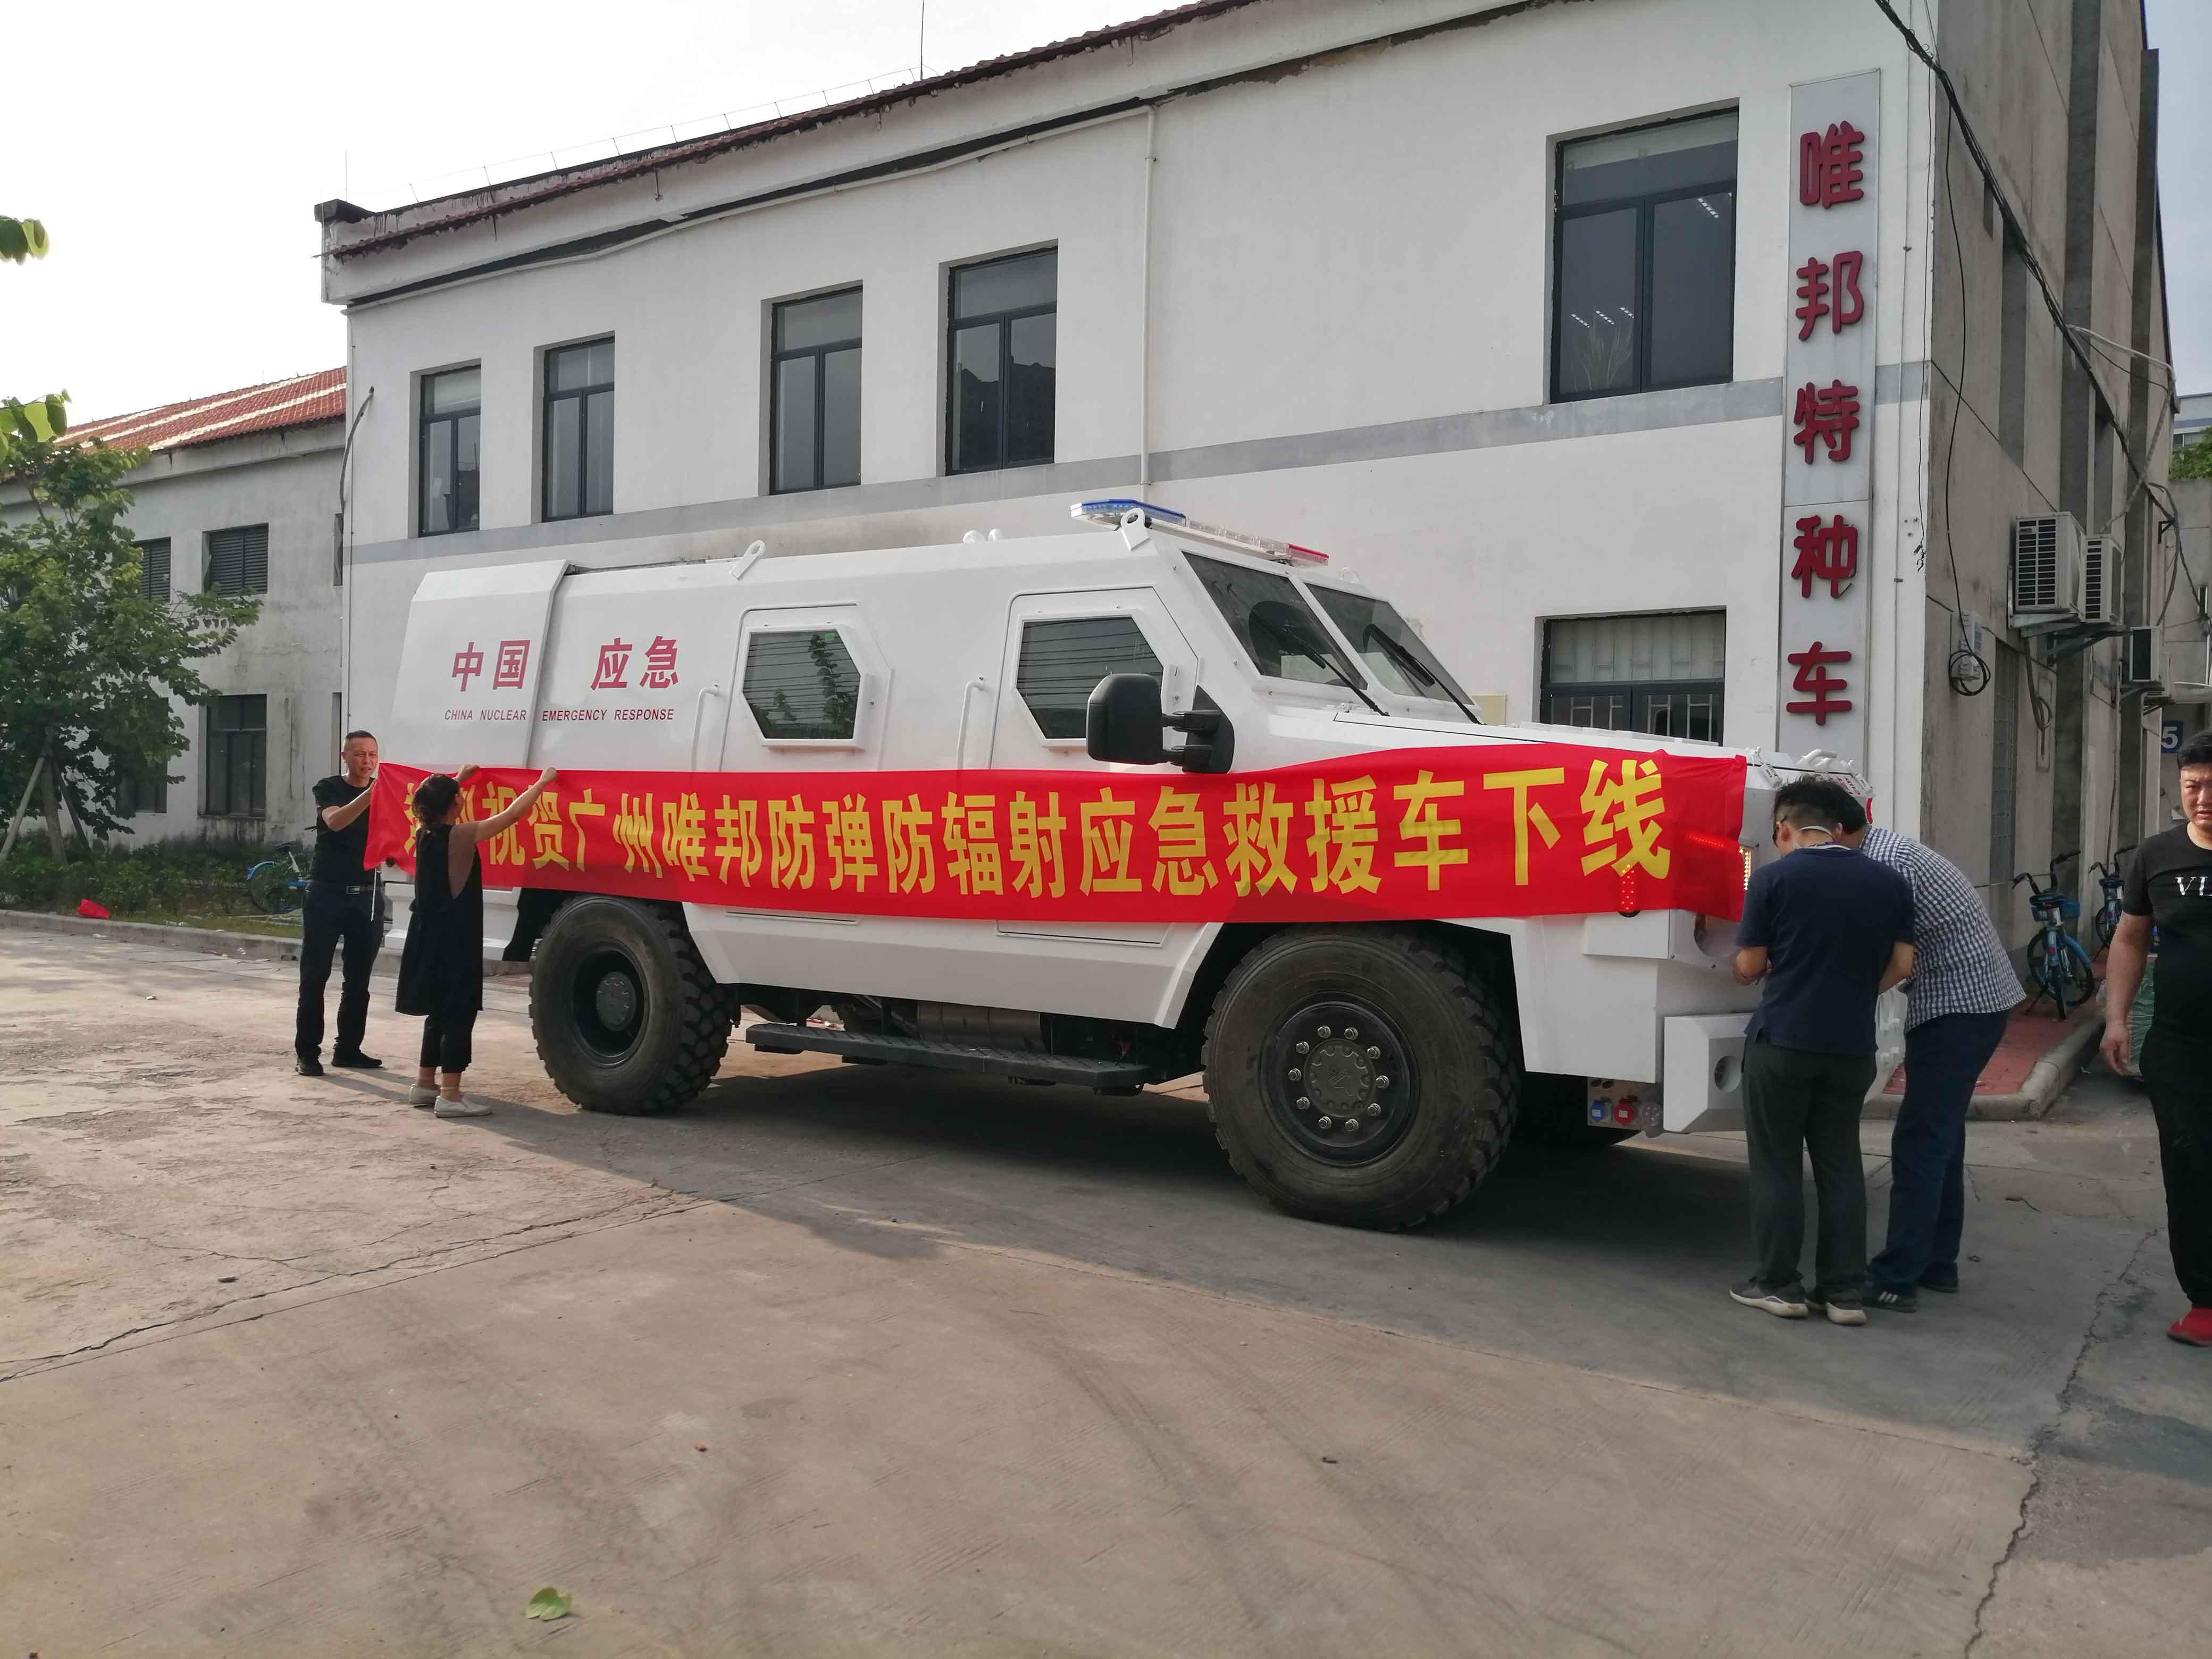 热烈祝贺我公司防弹防辐射应急救援车下线填补国内空白